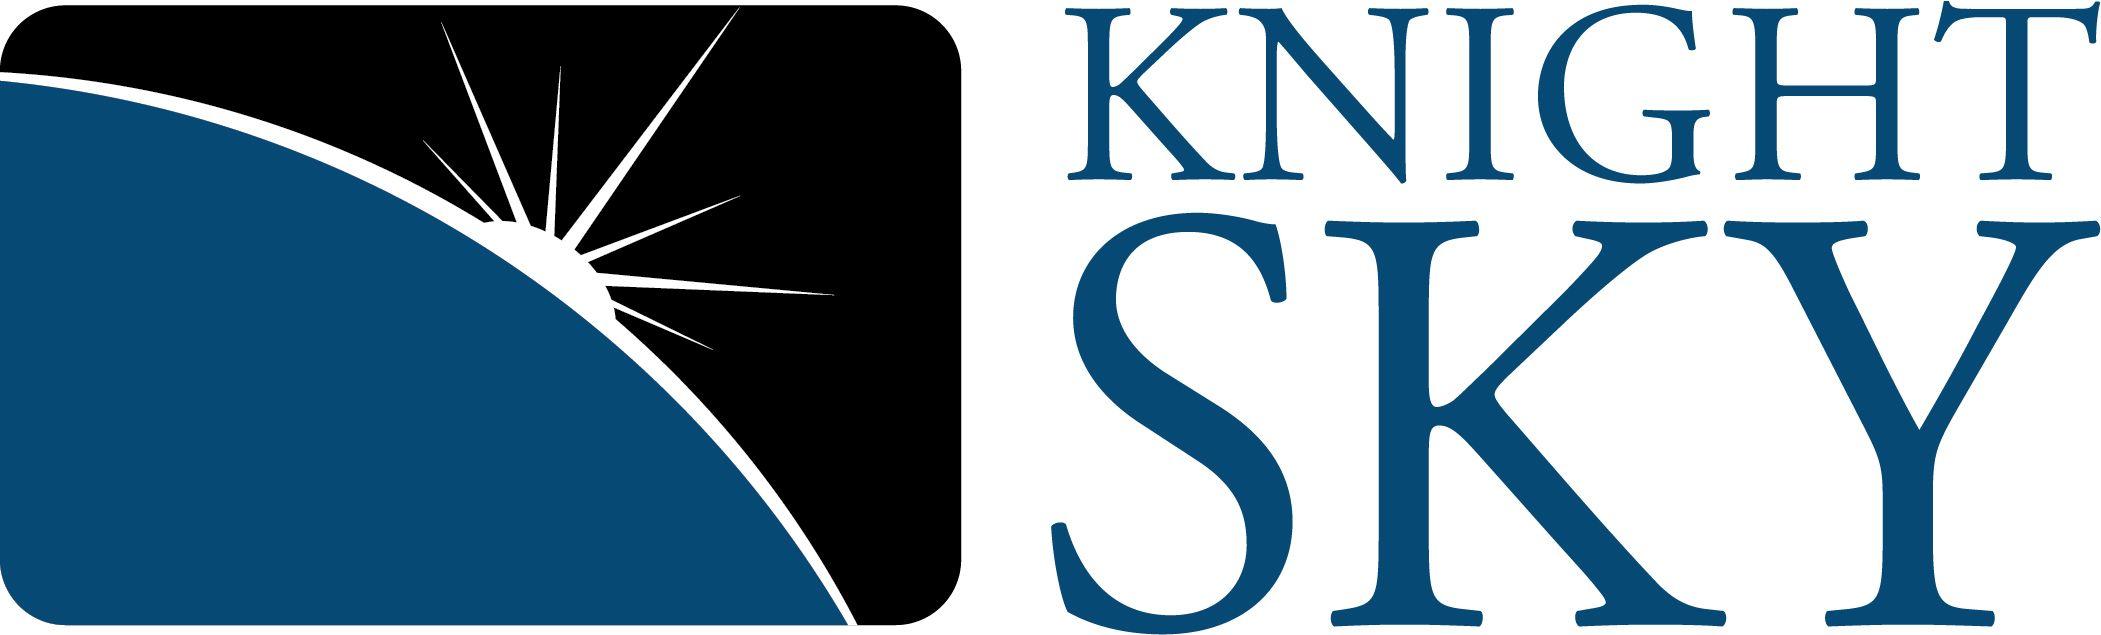 Knight Sky Logo Blue Text